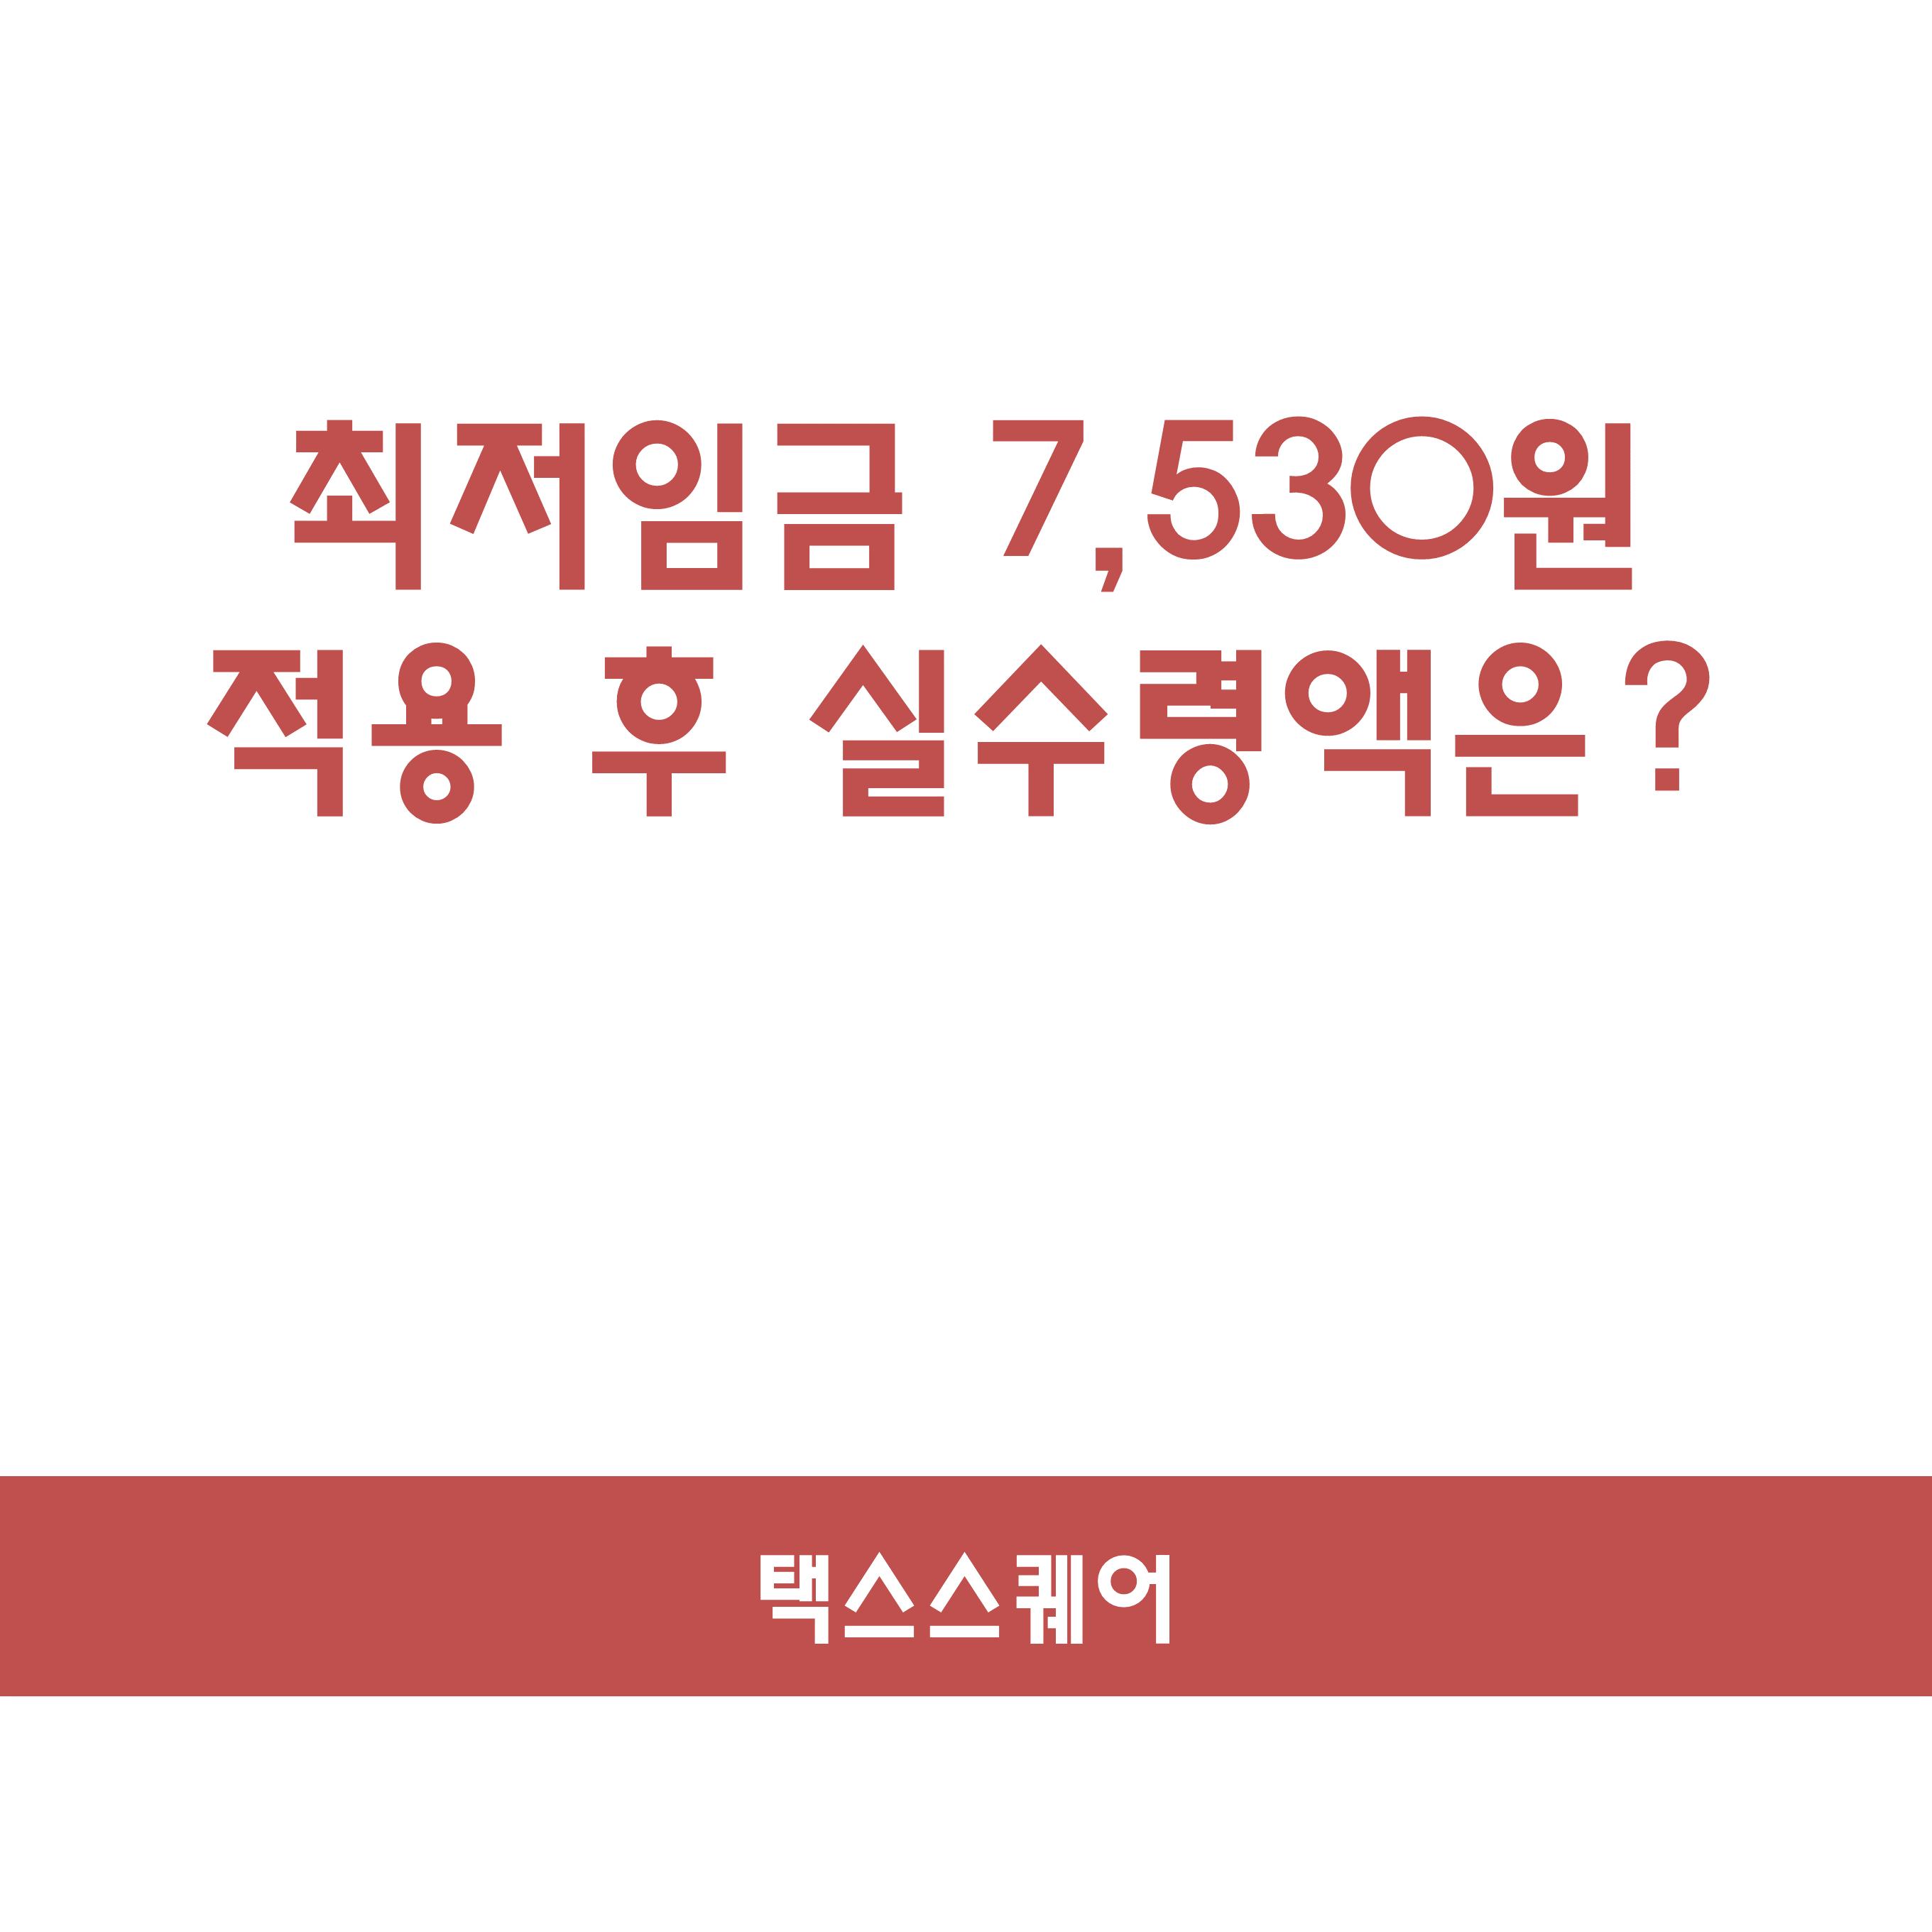 2018년 최저임금 적용시 월급은? - 7,530원으로 최...